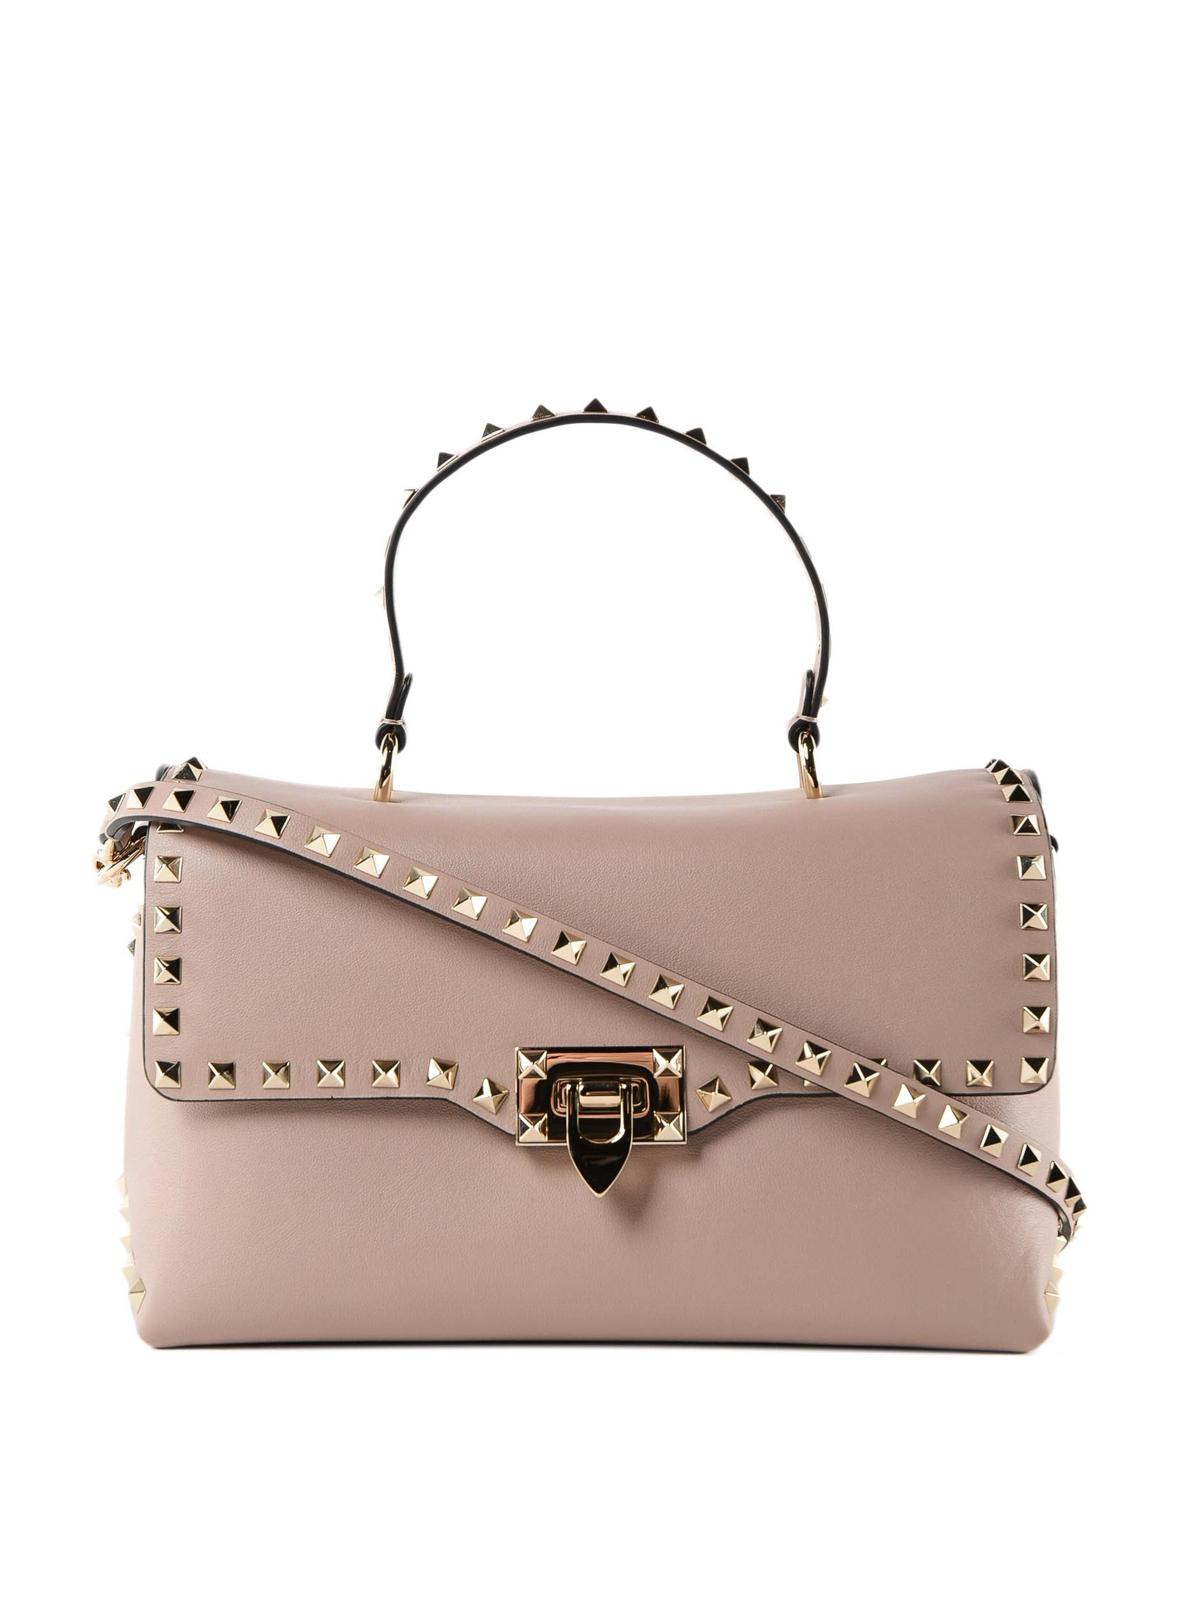 e797f17e1 Valentino Garavani - Powder Rockstud leather tote bag - totes bags ...